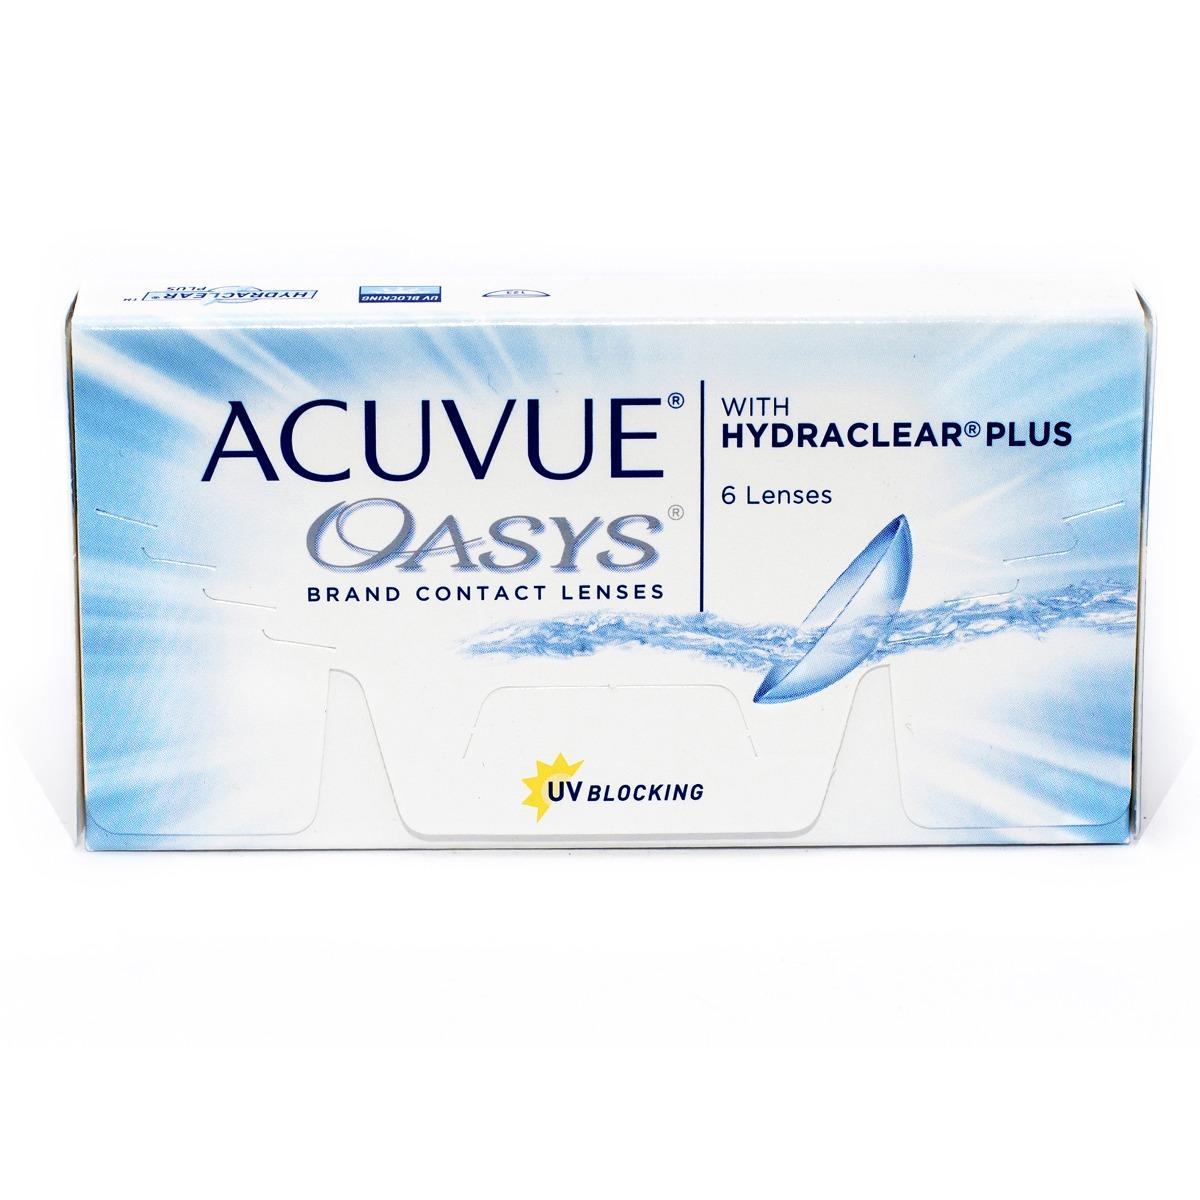 e925e887df Lentes De Contato Acuvue Oasys Com Hydraclear Plus Grau-2.50 - R ...